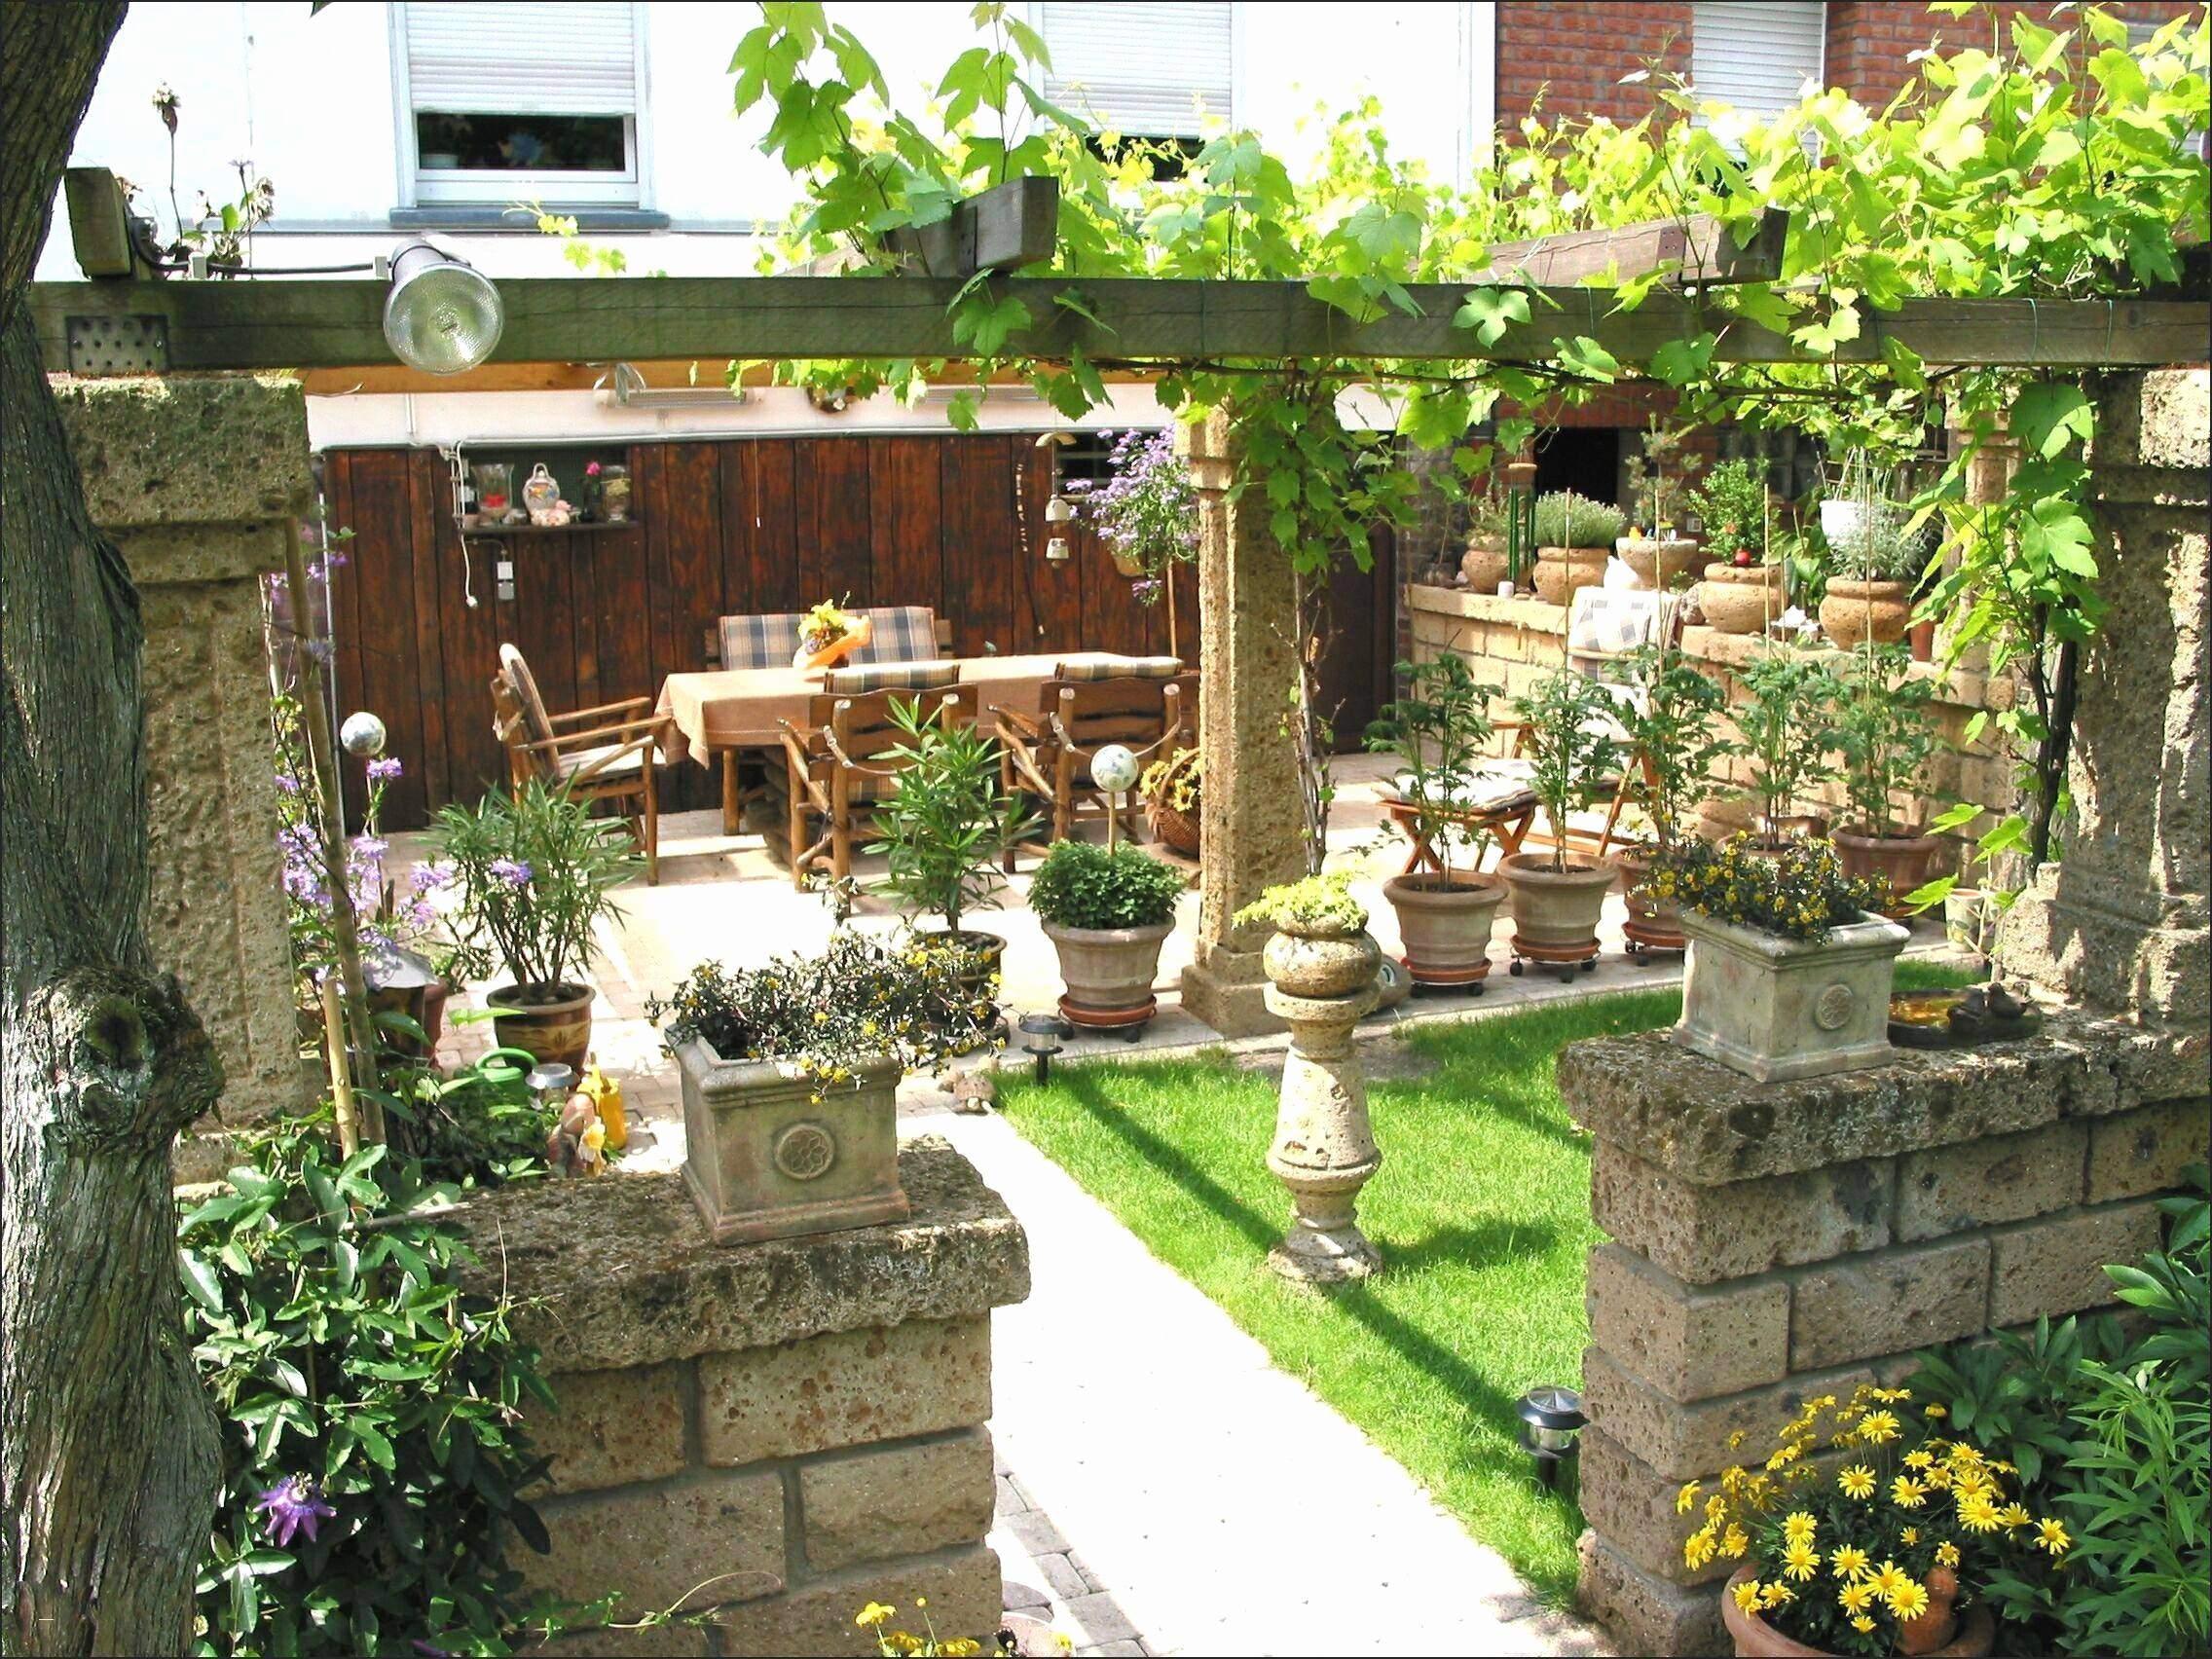 garten terrassen ideen neu 46 inspirierend terrassen beispiele garten of garten terrassen ideen